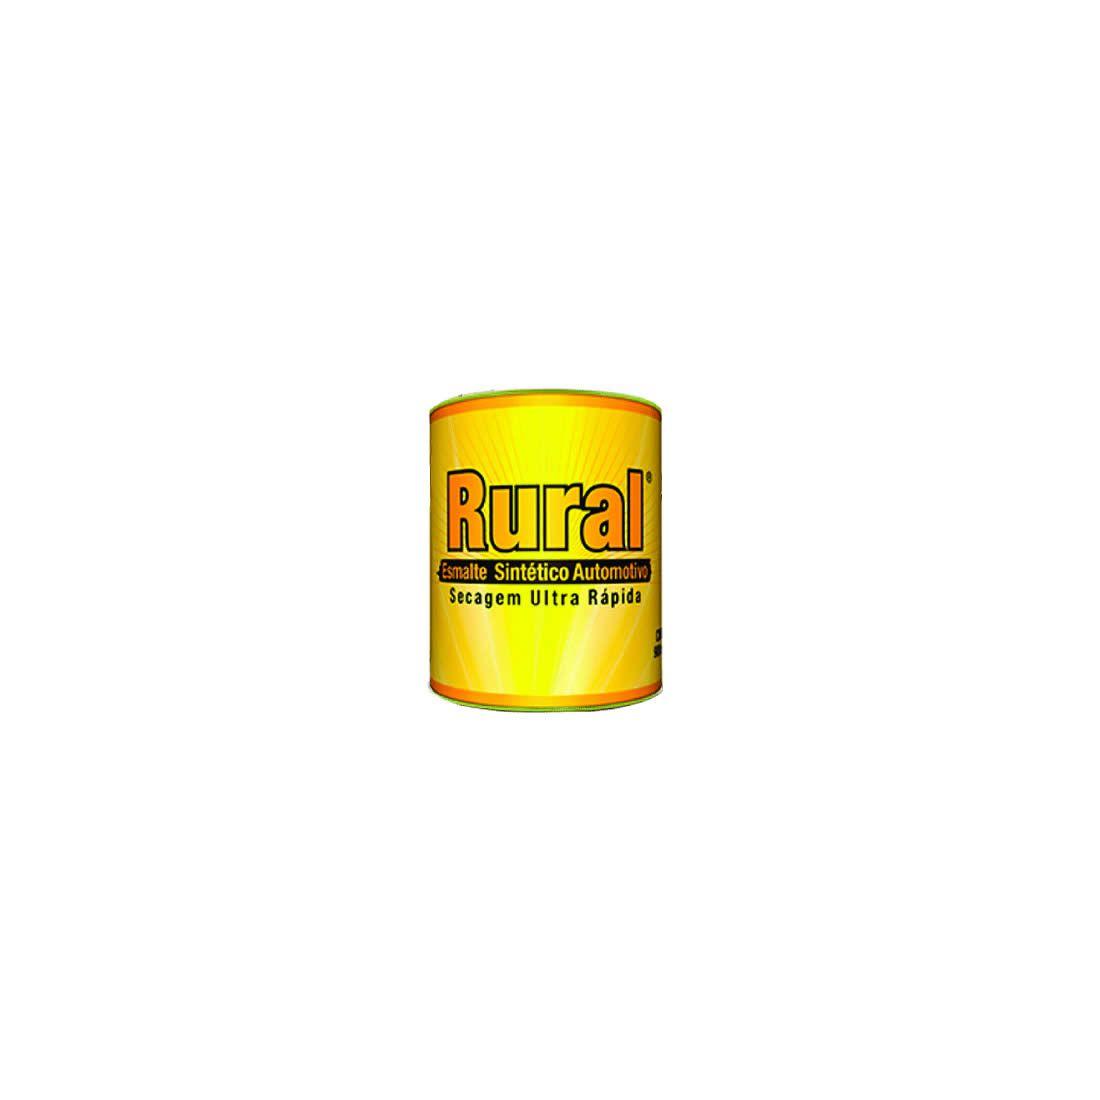 Esmalte Sintético Rural Secagem Ultra Rápido Ouro Antigo Metalizado 900ml